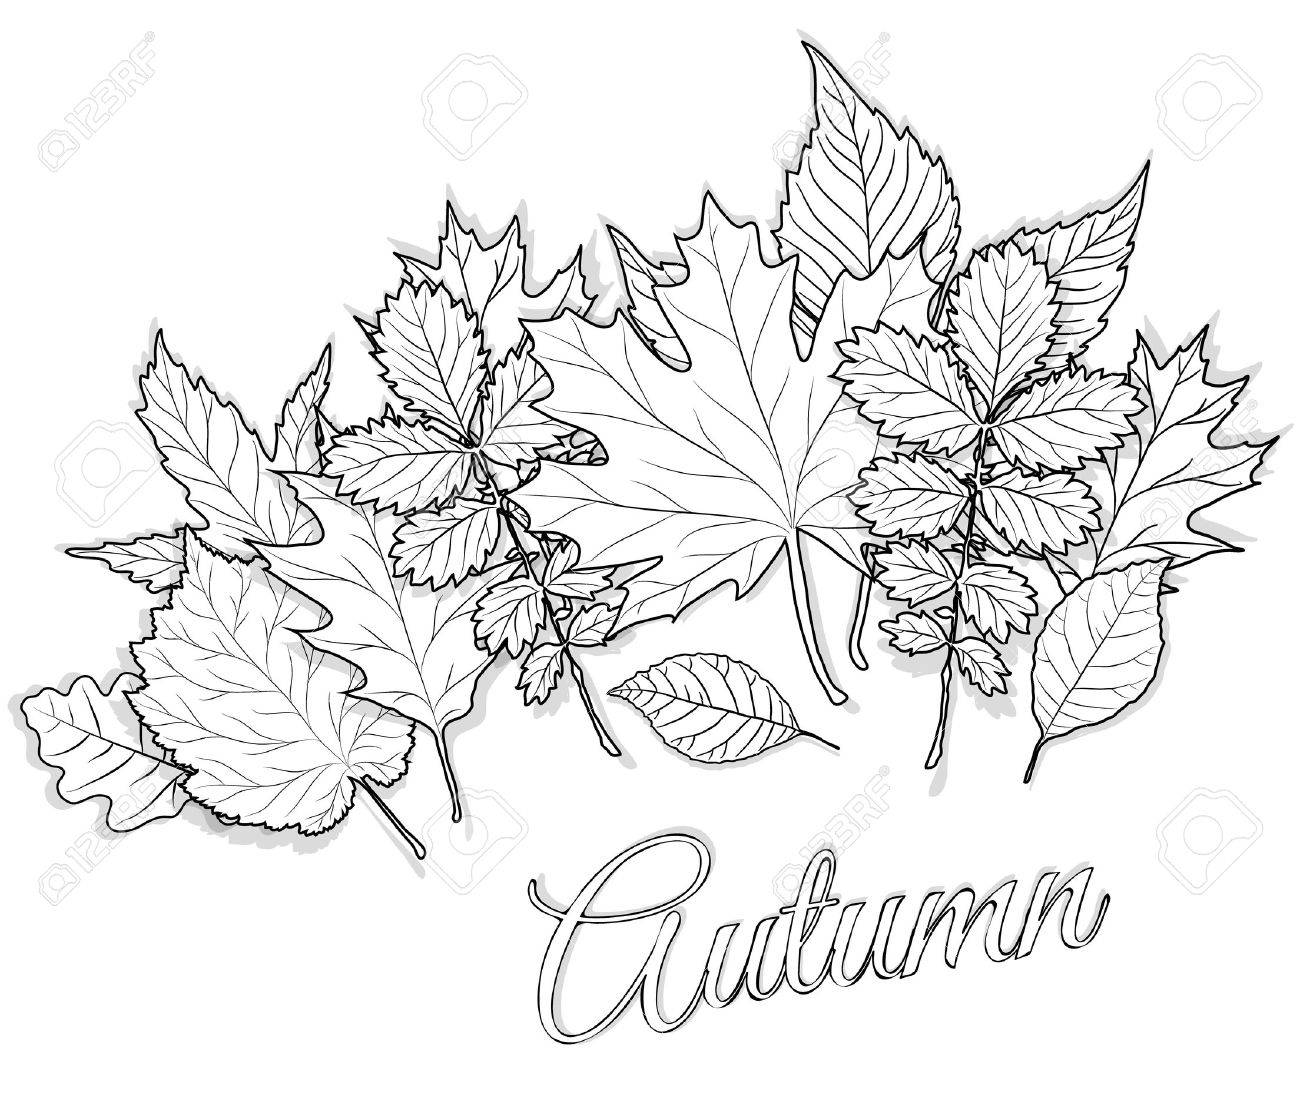 Herbst Blätter Gesetzt Für Färbung Seite Vektor Lizenzfrei Nutzbare ...